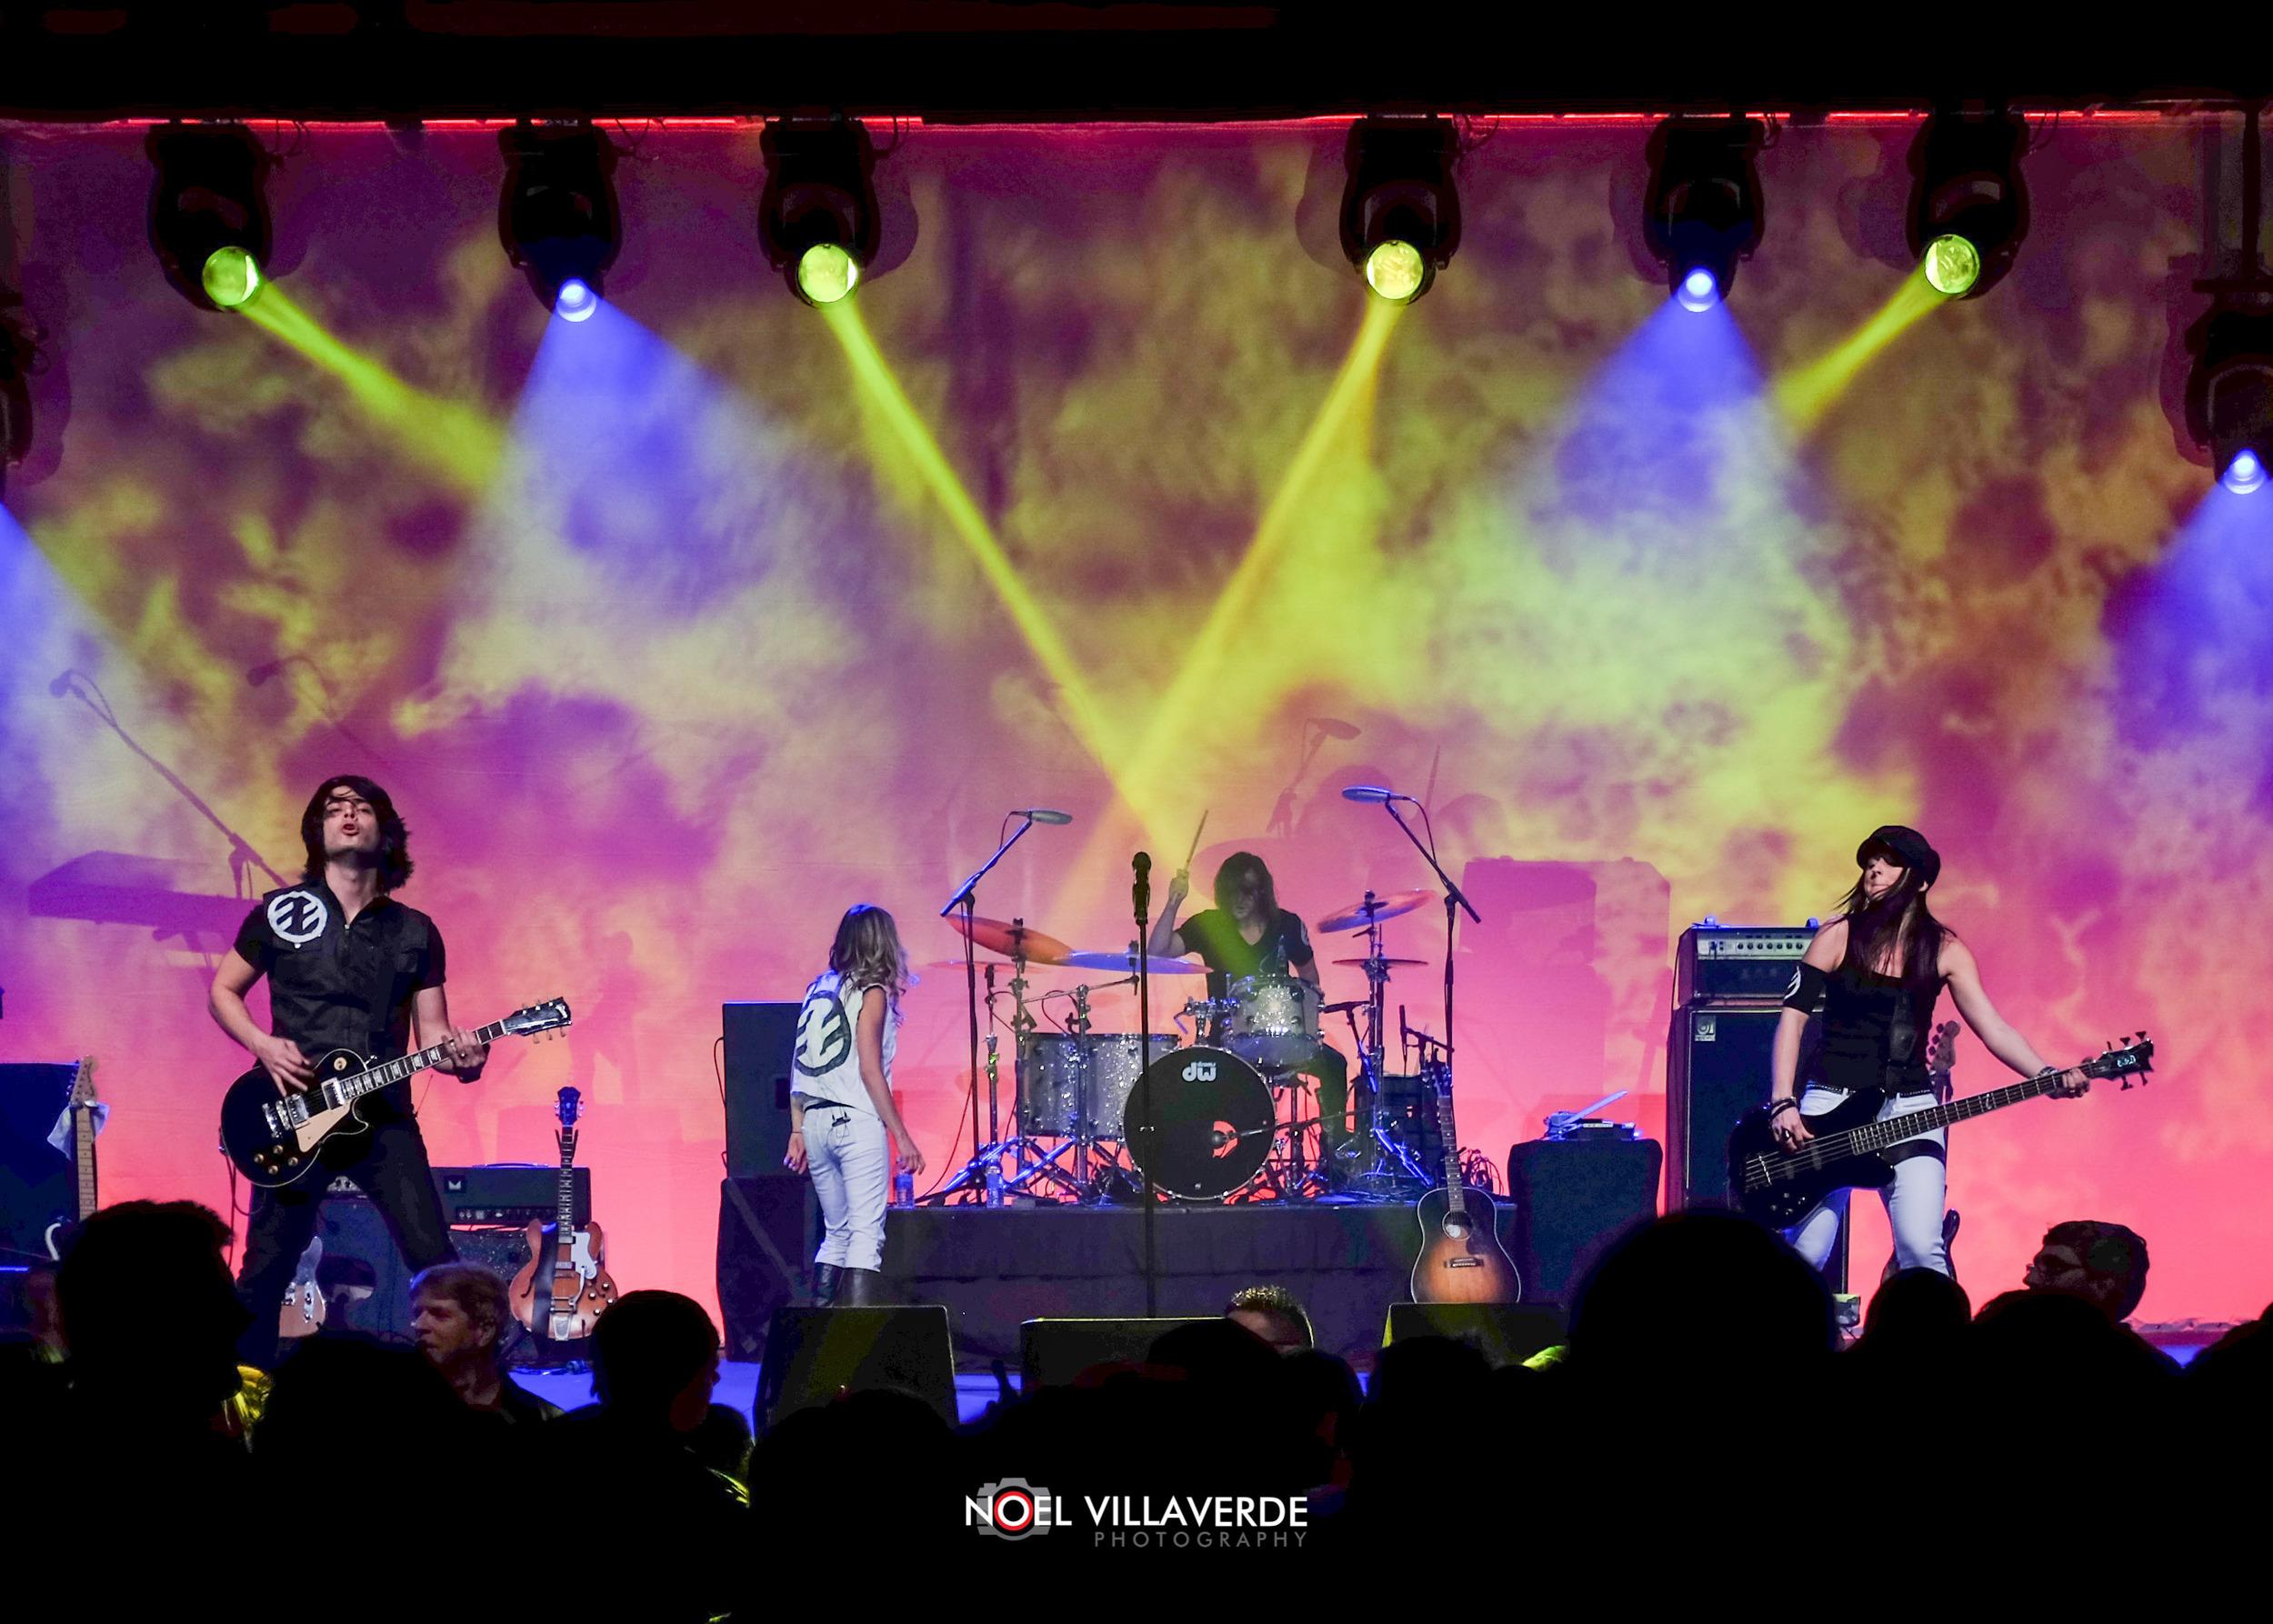 Ignition_Concert-18.jpg